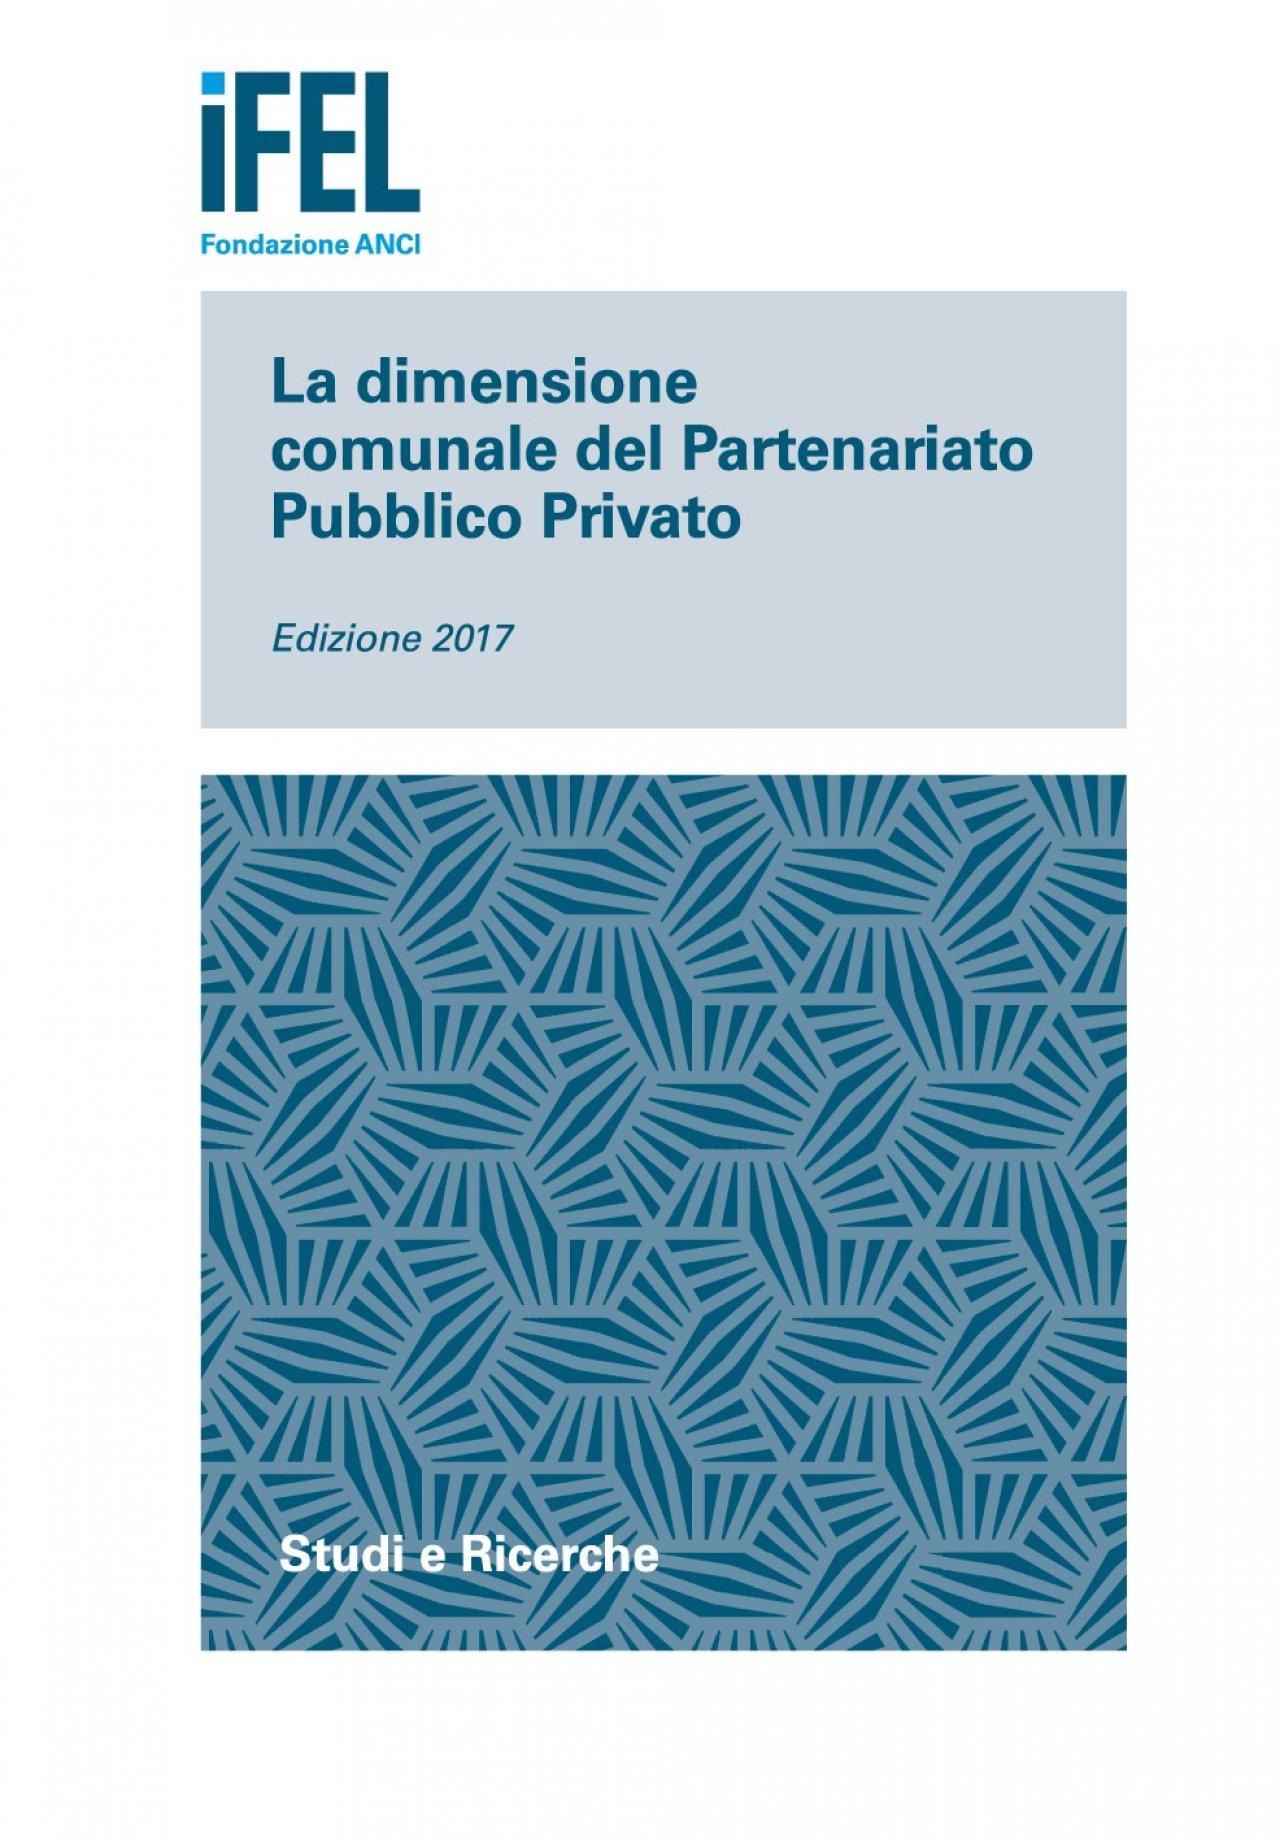 La dimensione comunale del Partenariato Pubblico Privato Edizione 2017